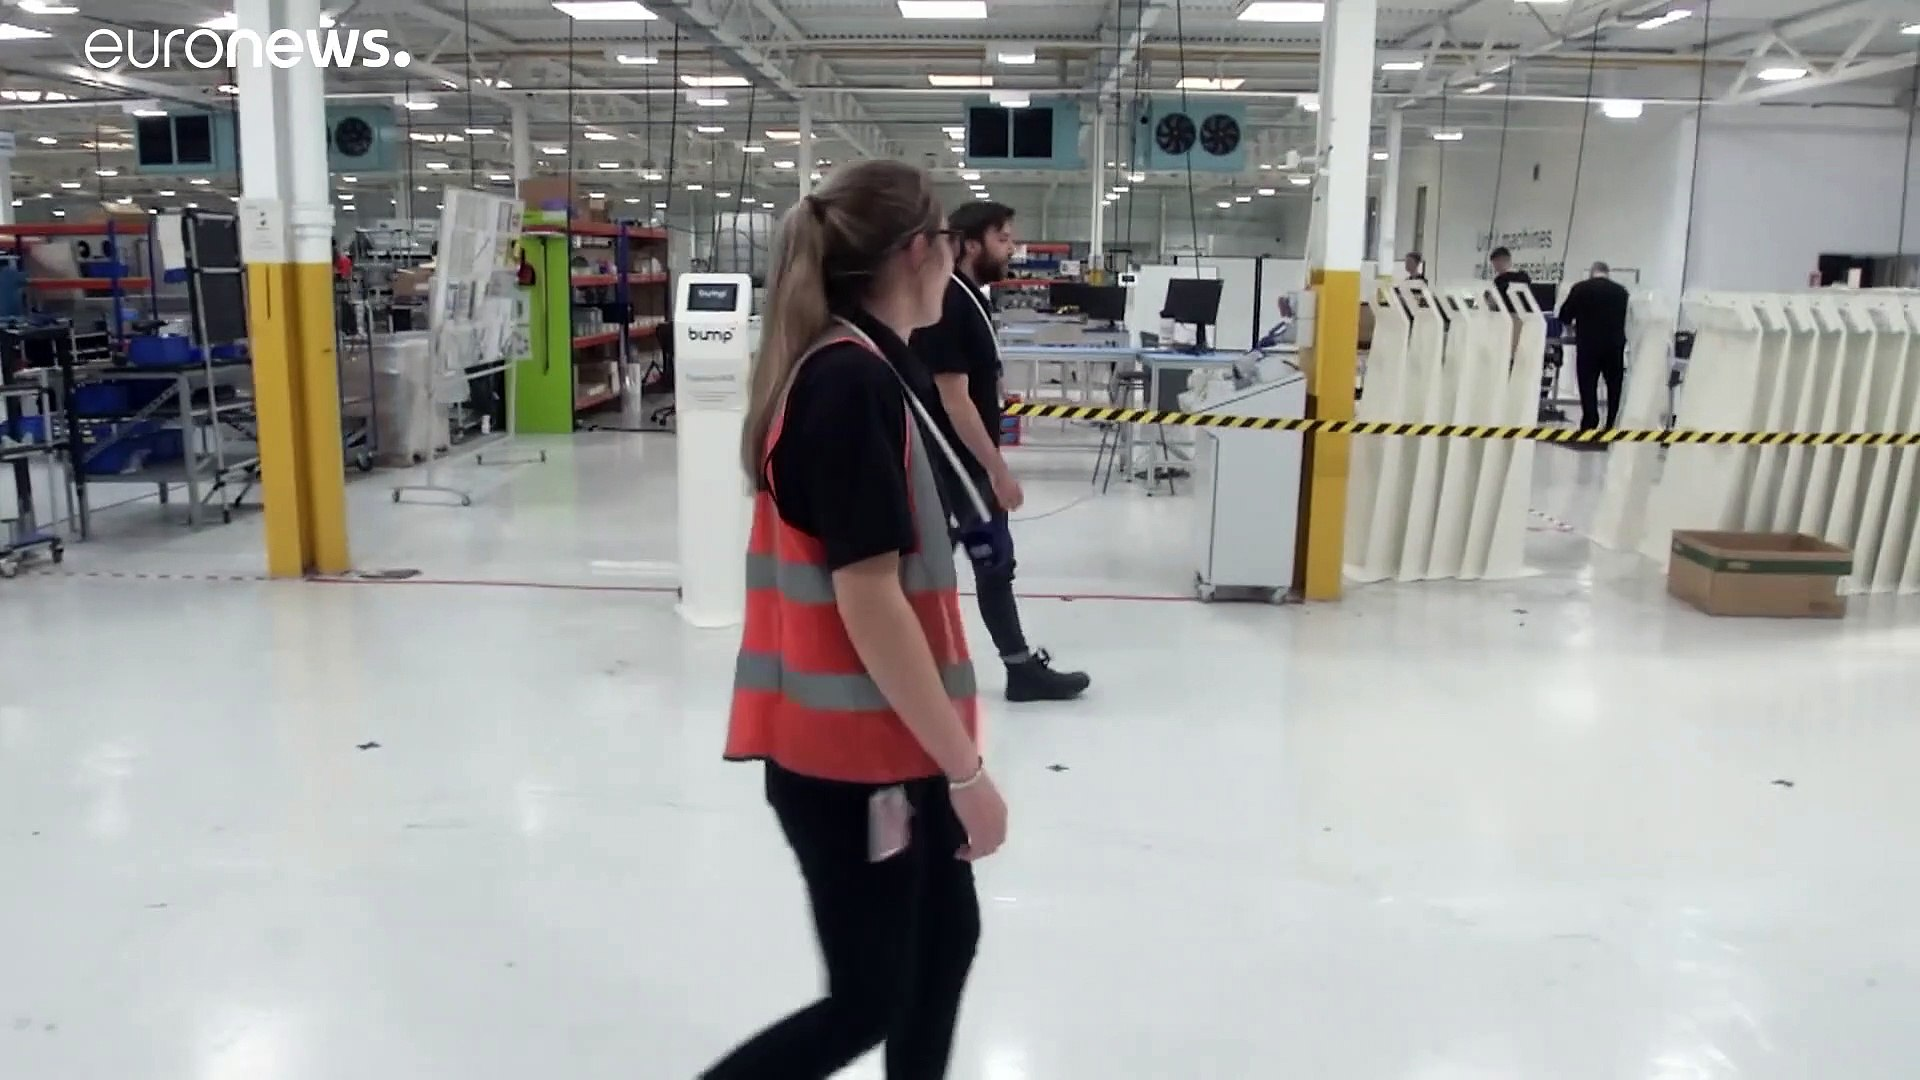 شاهد: شركة بريطانية تطور جهازا يساعد العمال على احترام التباعد الاجتماعي